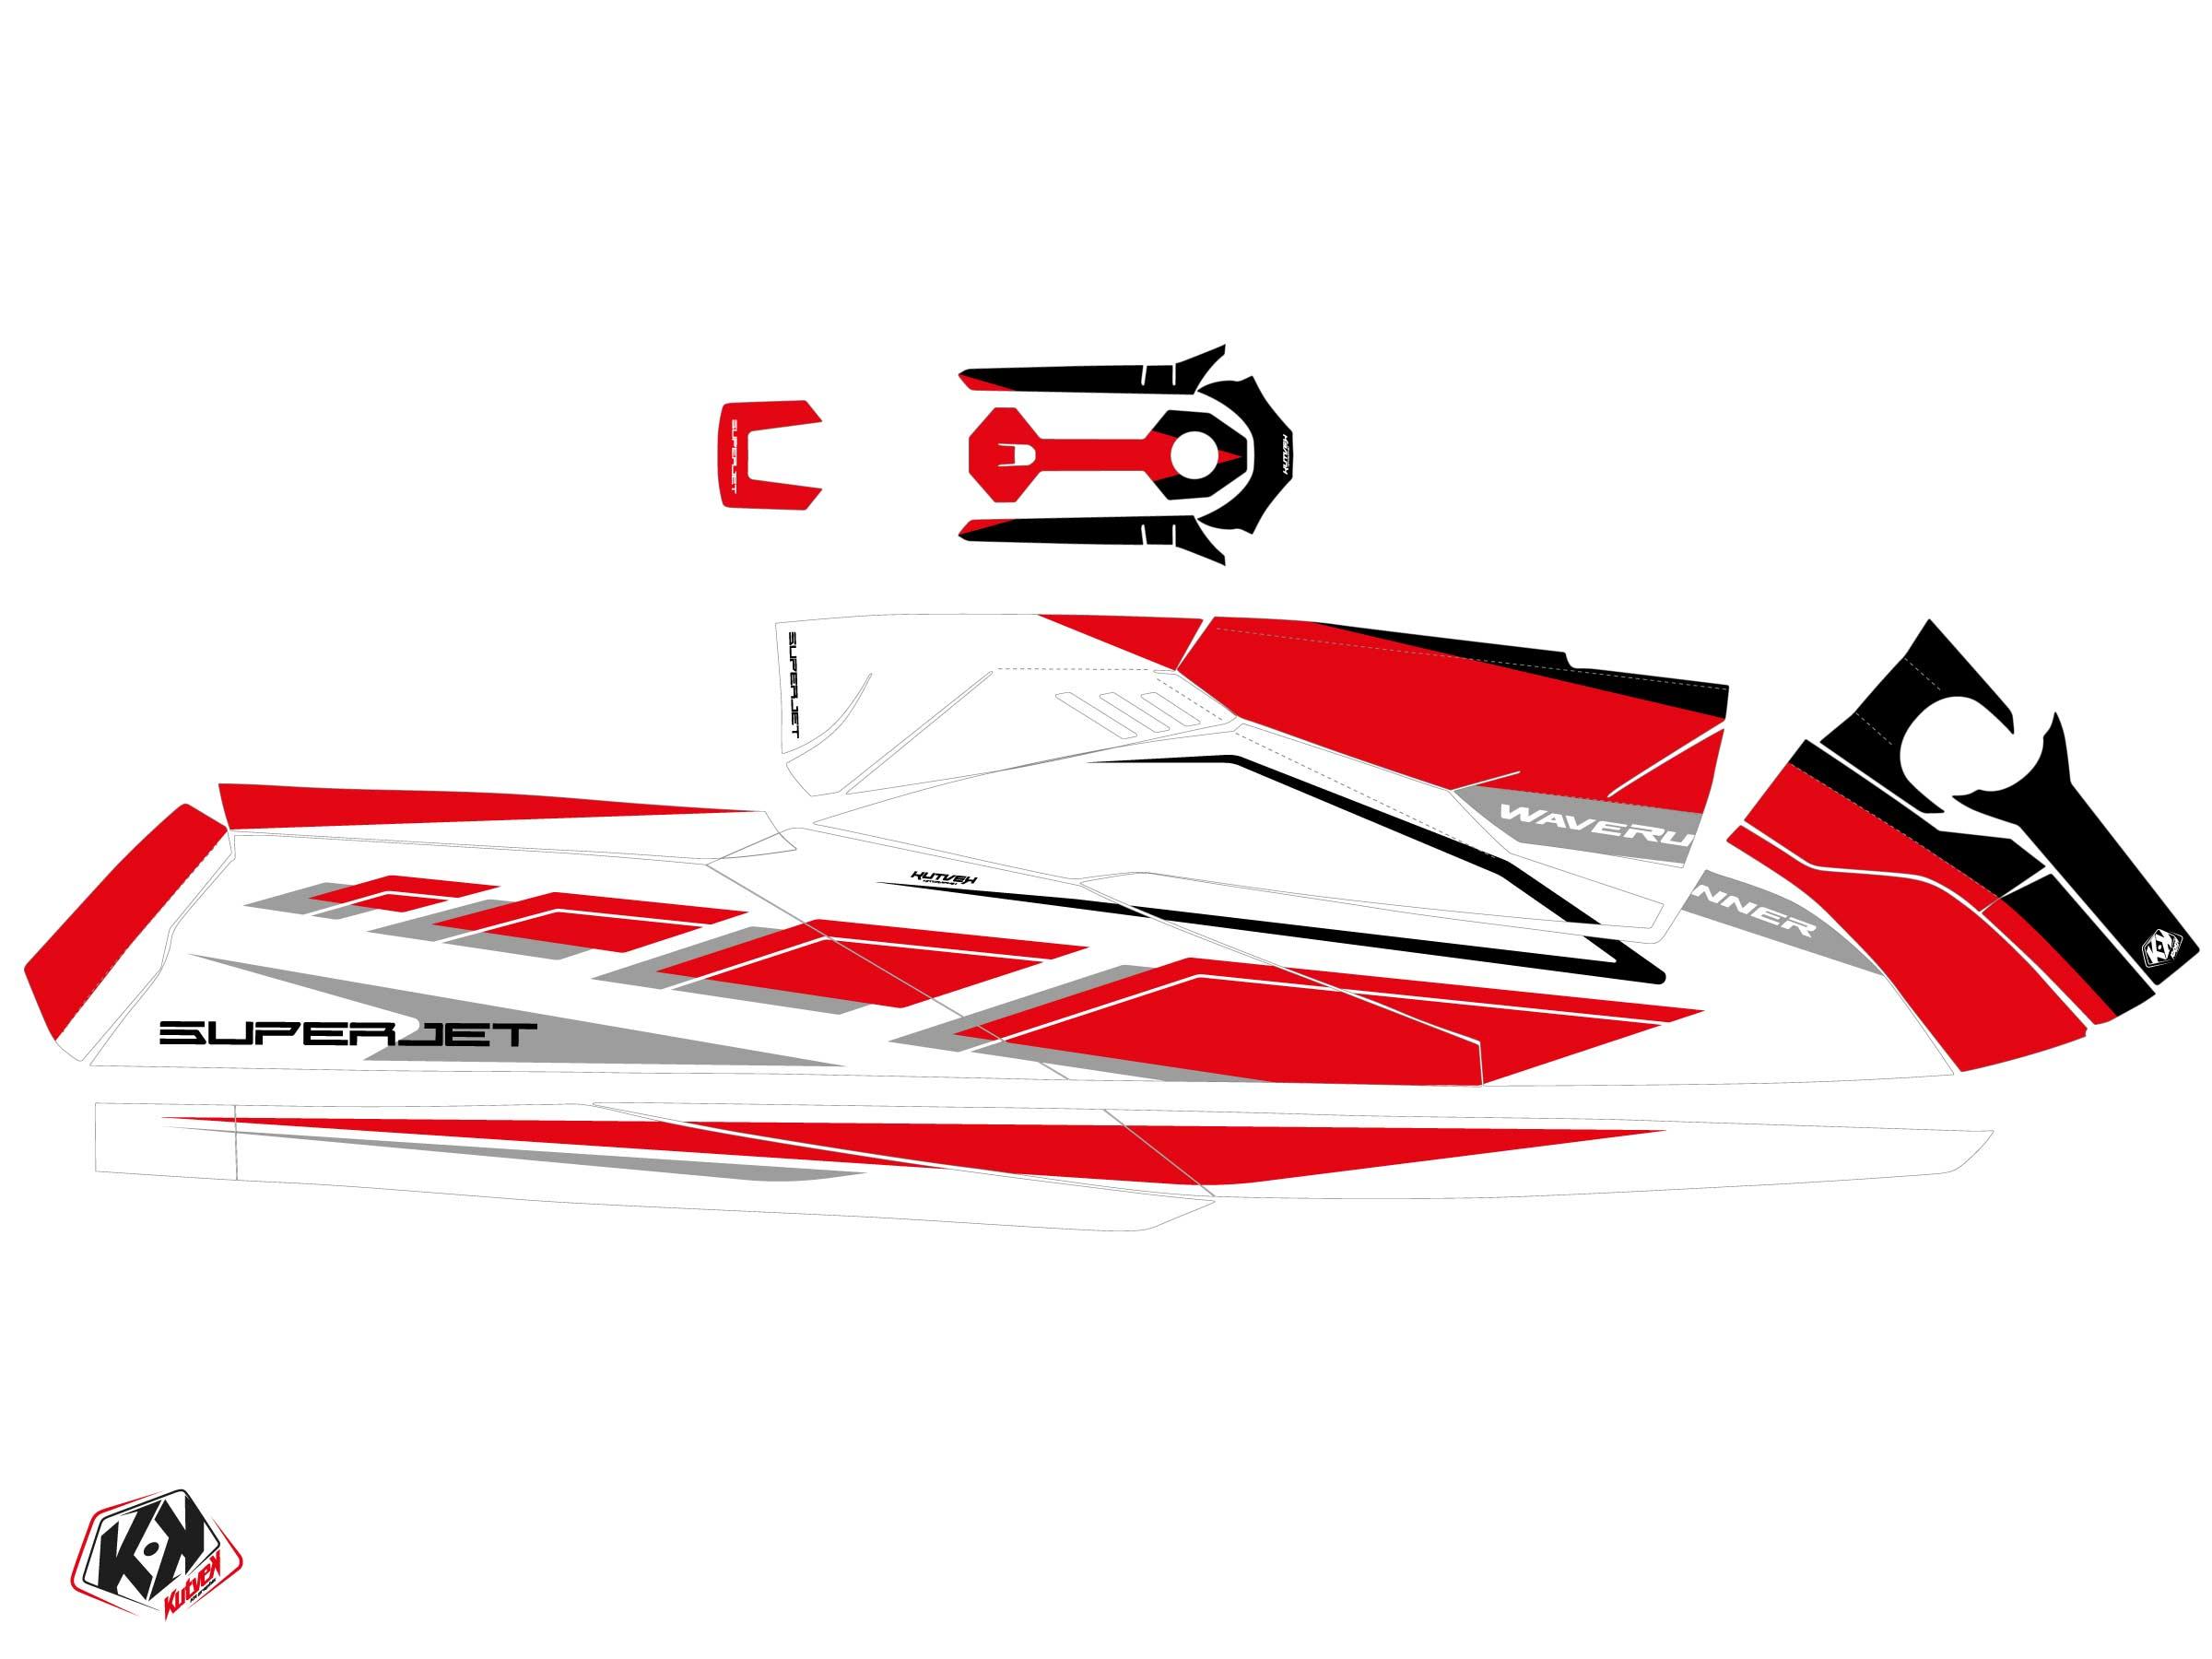 Yamaha Superjet 2021 Jet-Ski PERF Graphic Kit Red